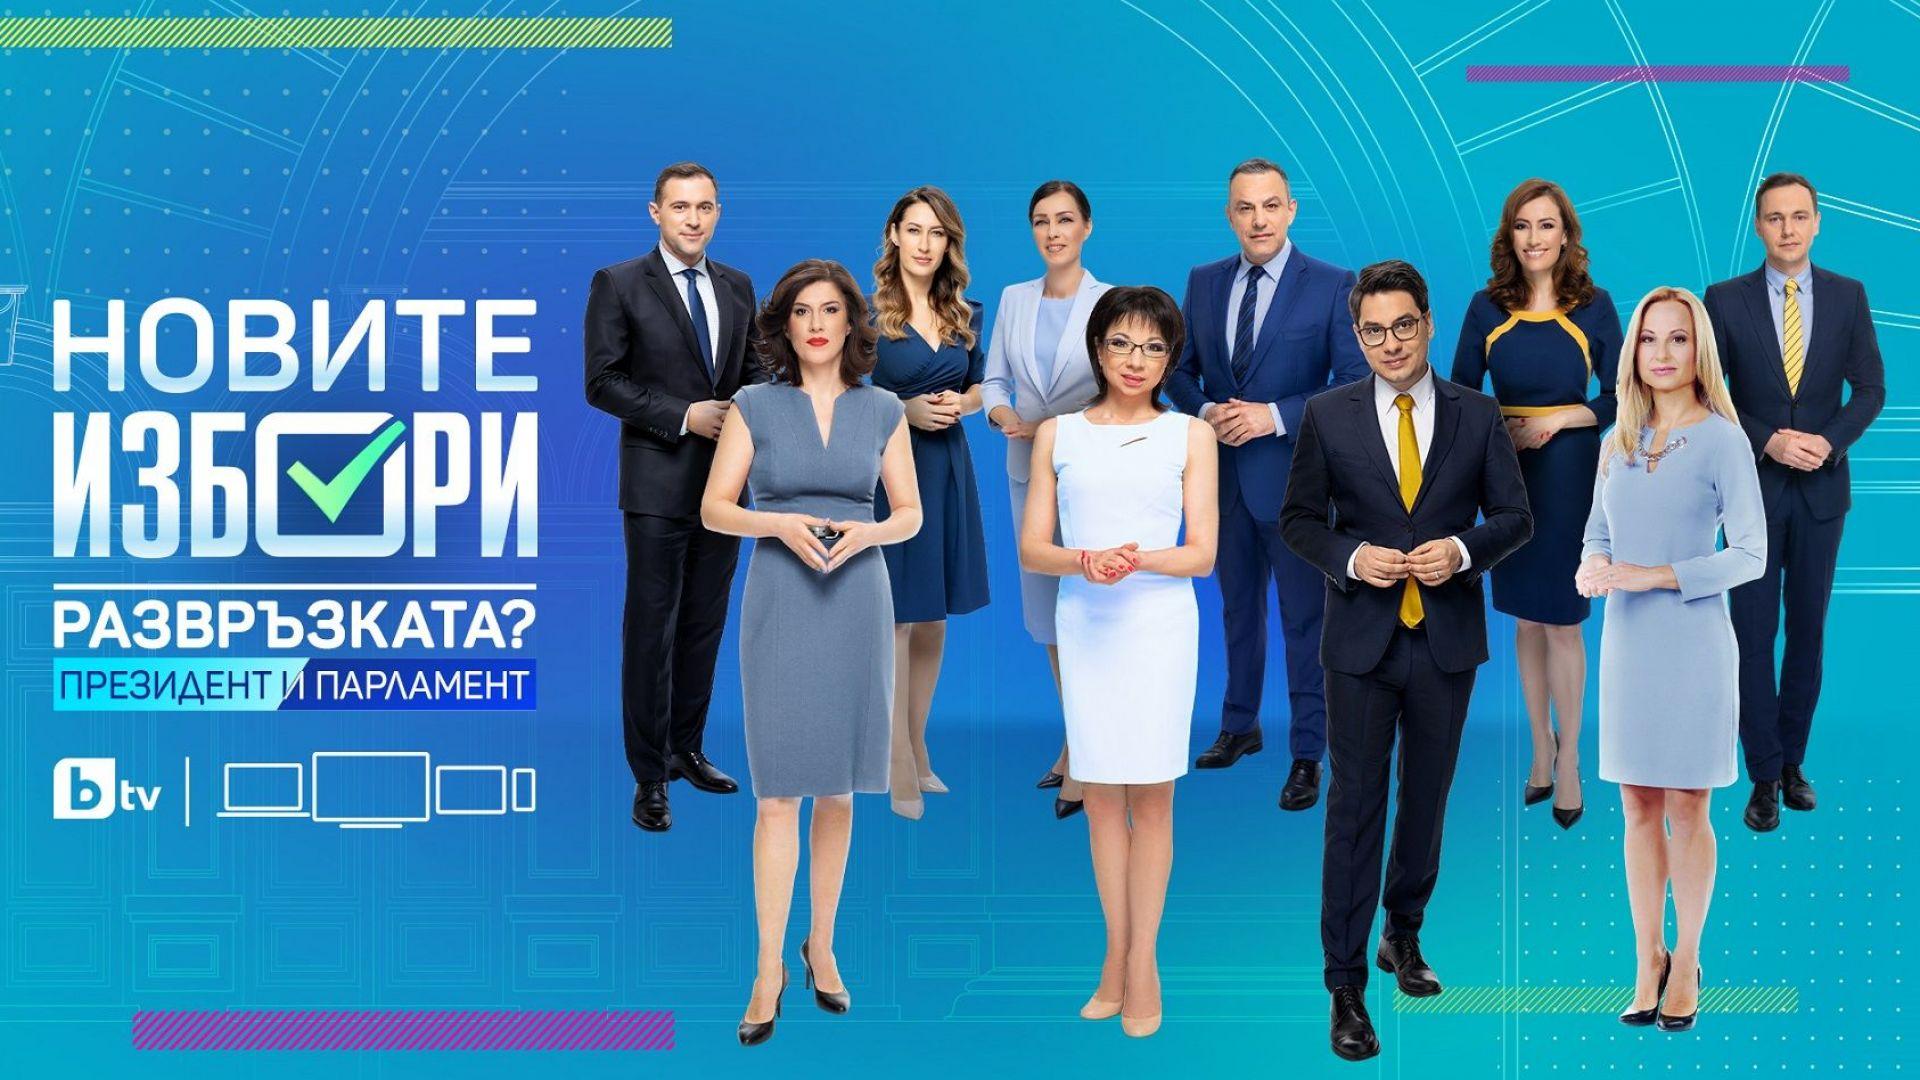 """Пълната картина на предизборната надпревара - в """"Новите избори. Развръзката? Президент и парламент"""" по bTV"""